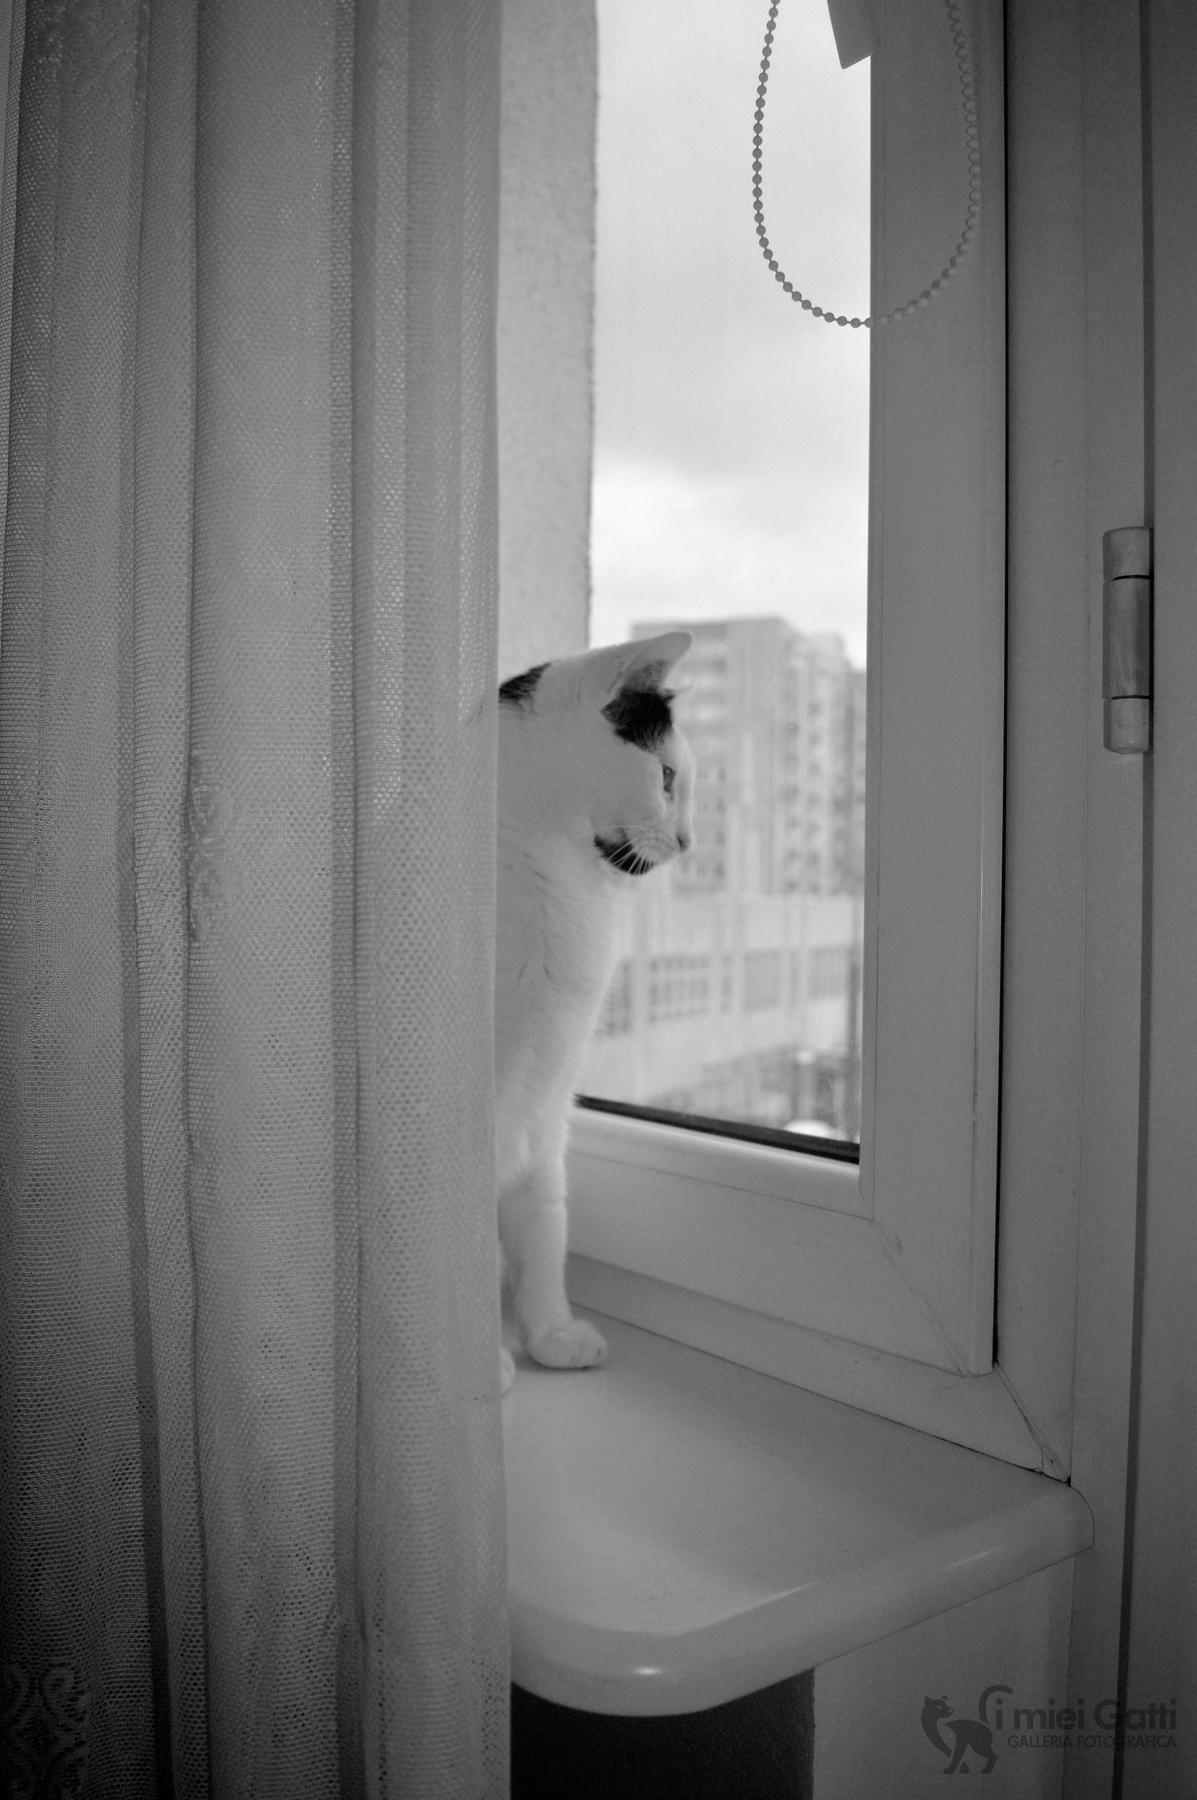 attraverso la finestra